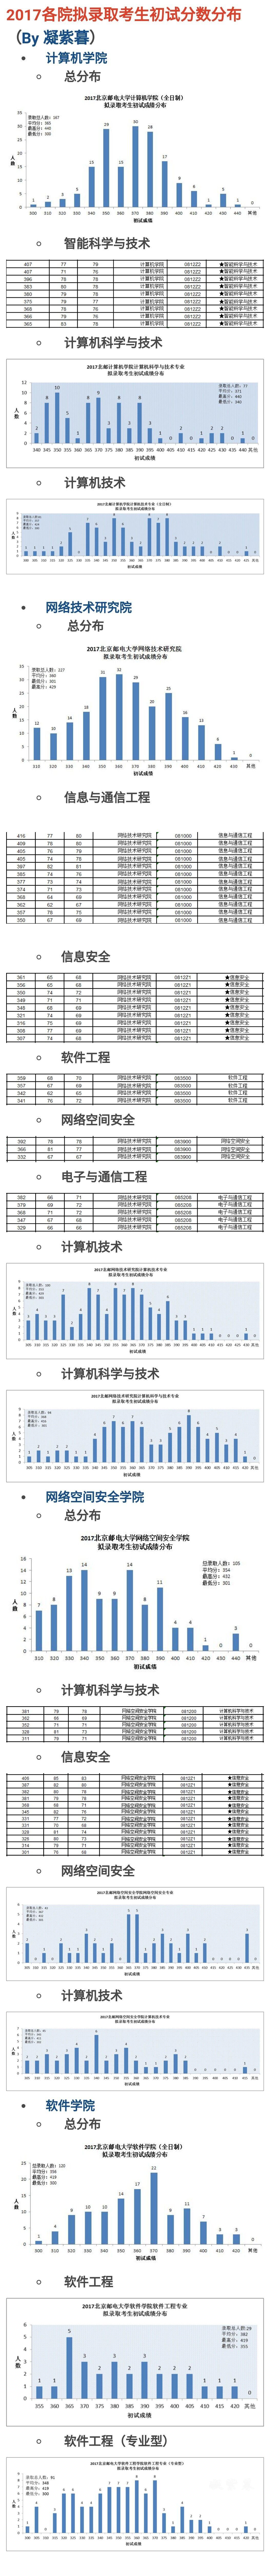 2017年北邮计算机拟录取考生初试成绩分布直方图